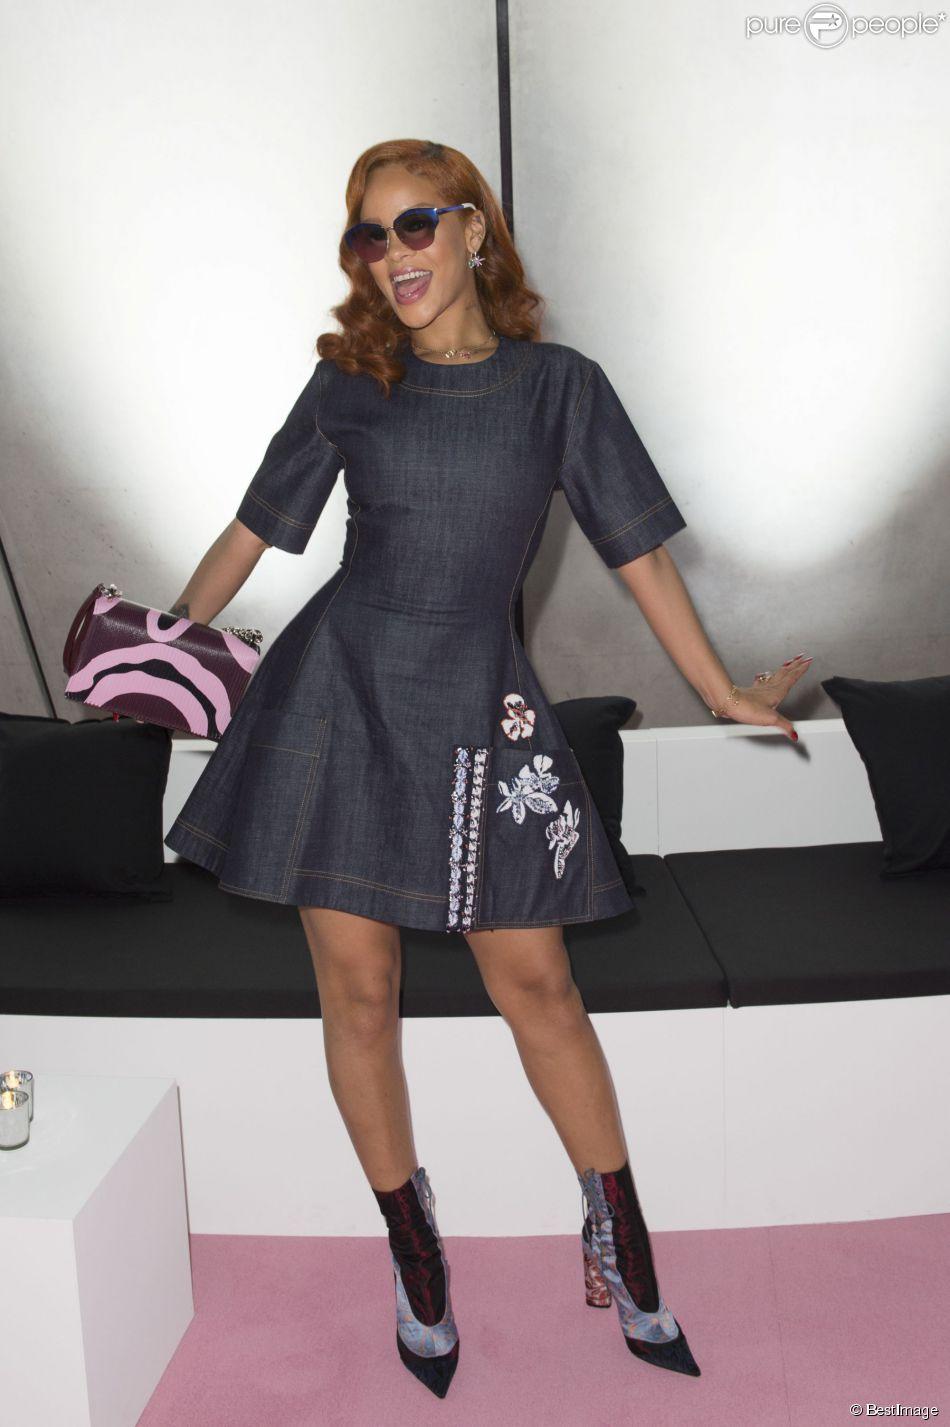 Rihanna - People au défilé Christian Dior TOKYO prêt-à-porter collection Automne-Hiver 2015/2016 au centre national des Arts de Tokyo, à Tokyo au Japon, le 16 juin 2015.